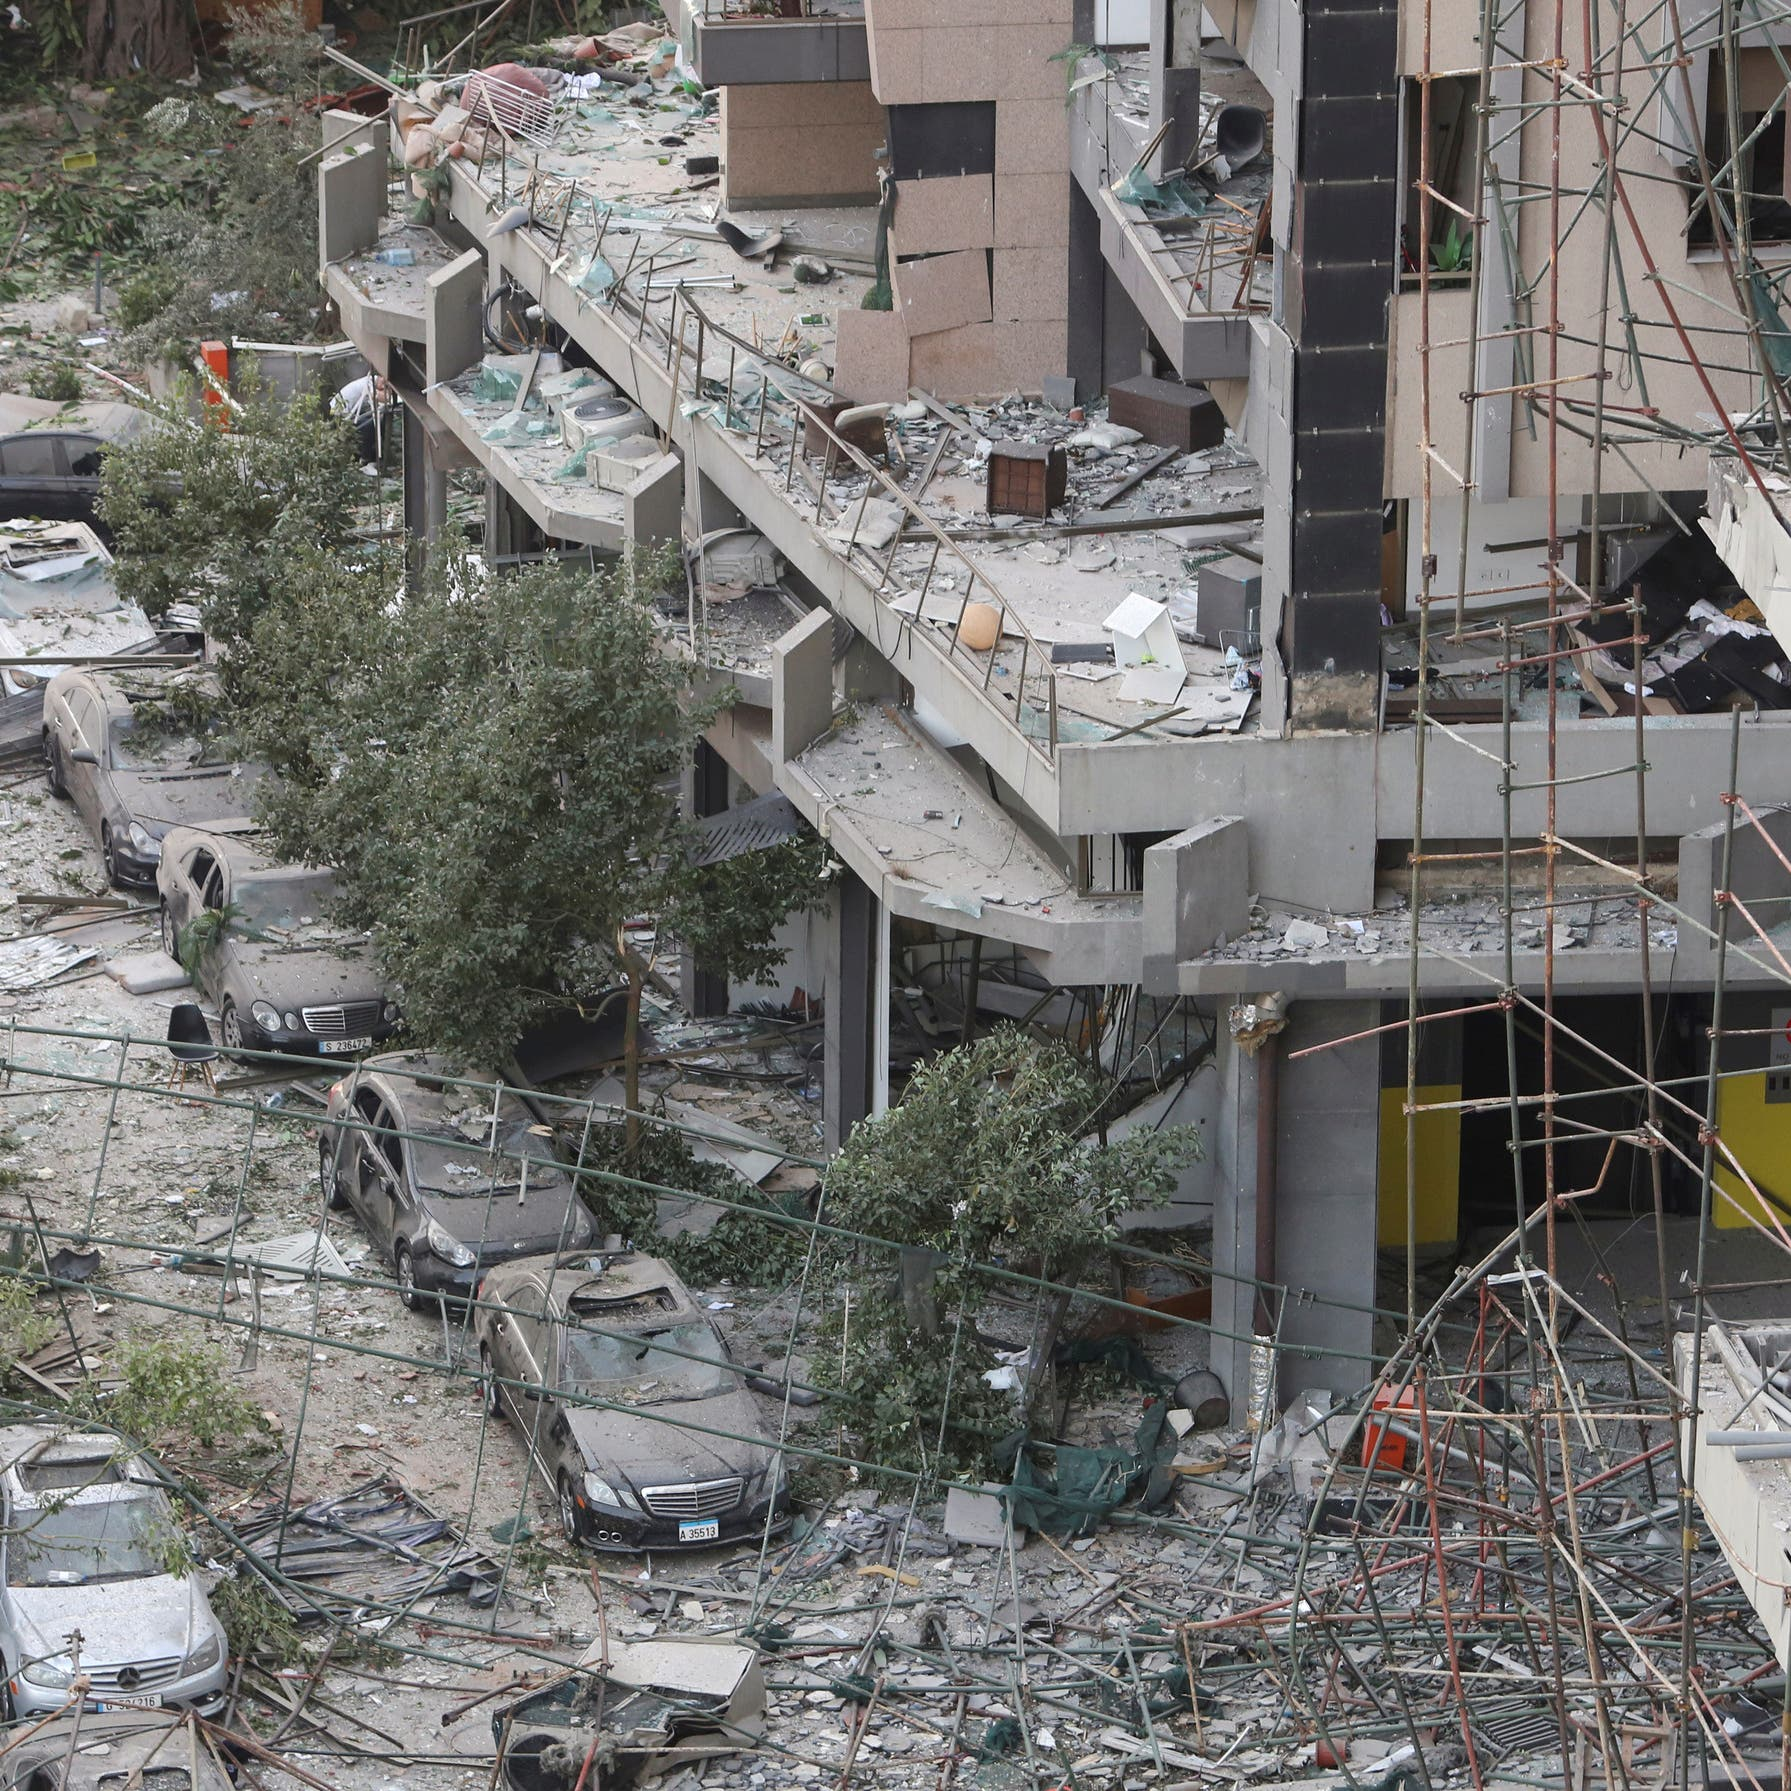 البنك الدولي: أضرار انفجار مرفأ بيروت تصل إلى 4.6 مليار دولار